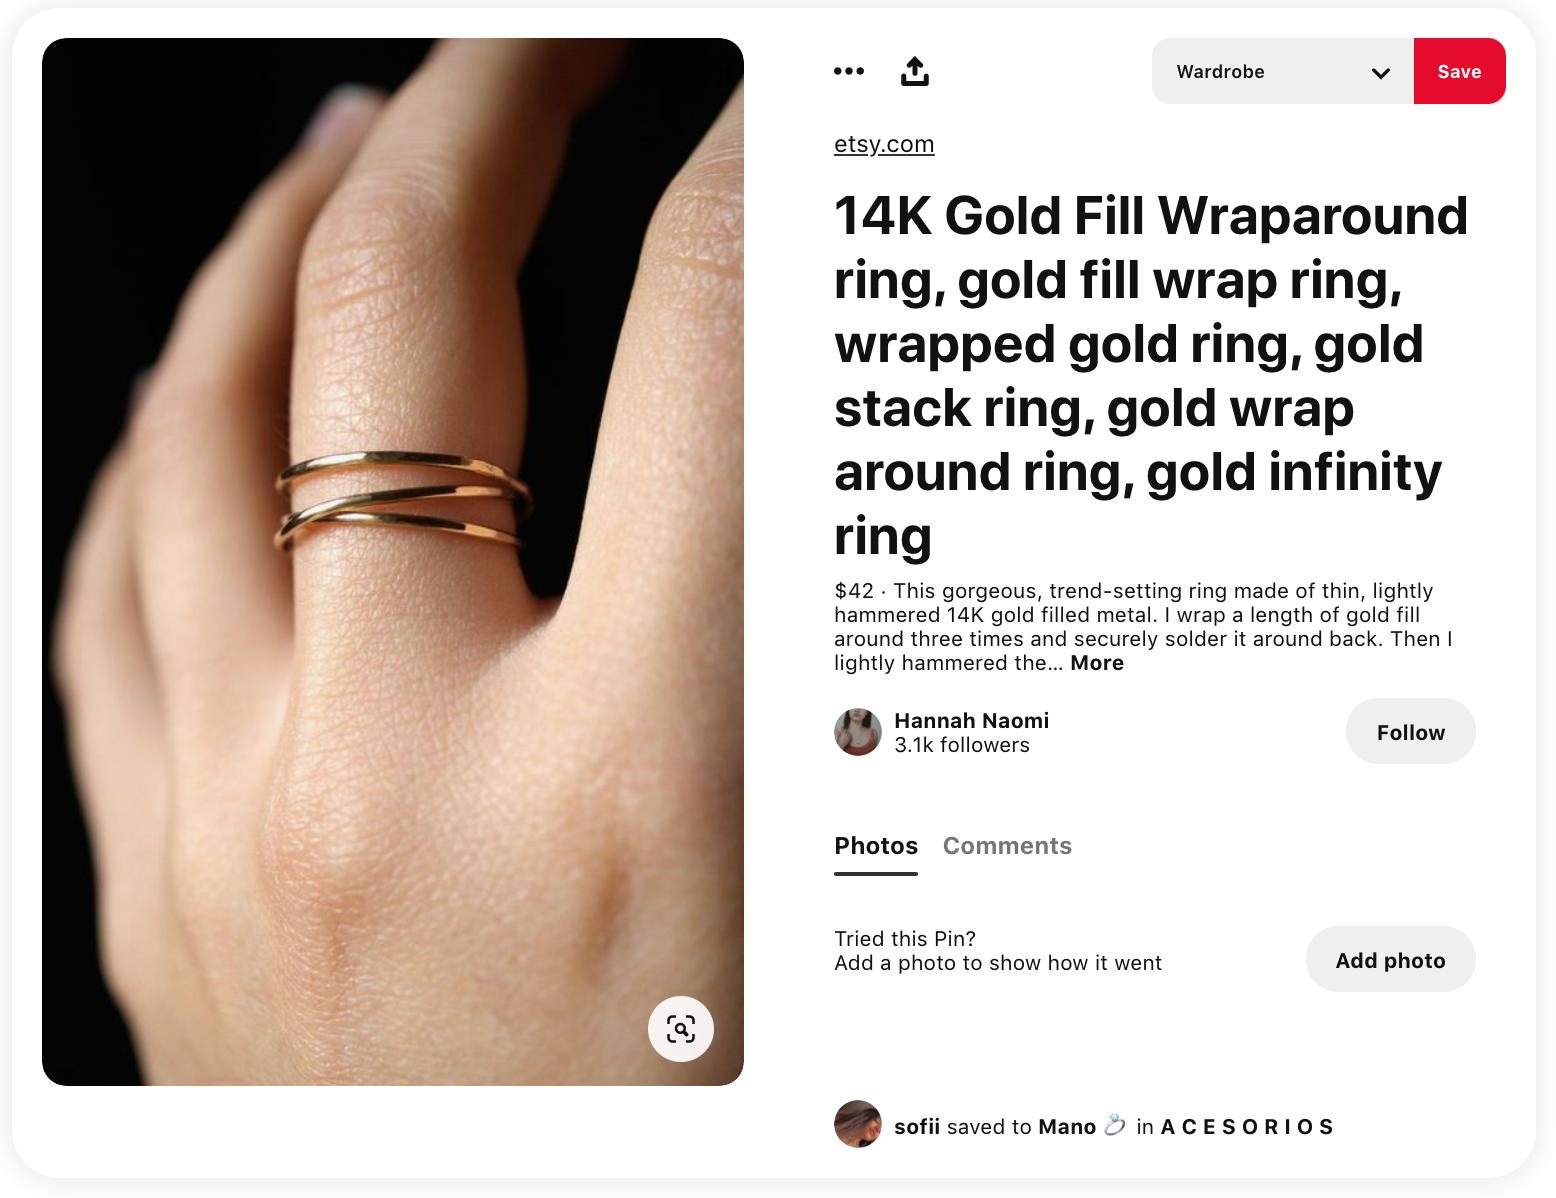 cómo vender en pinterest - ejemplo de un pin rico en productos